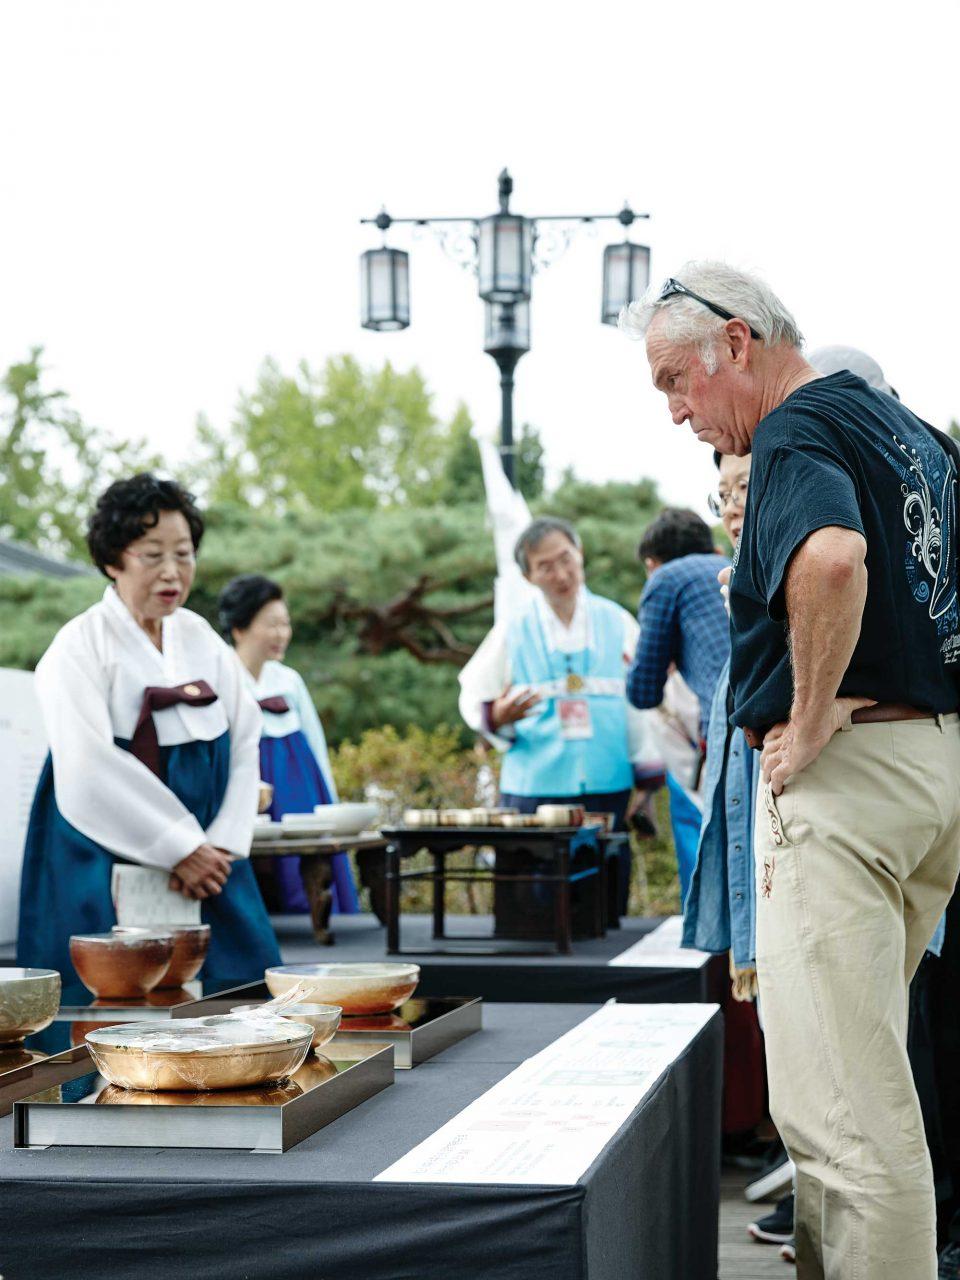 친구, 가족 단위의 관람객은 물론 외국인까지 함께 우리 문화를 즐겼다.